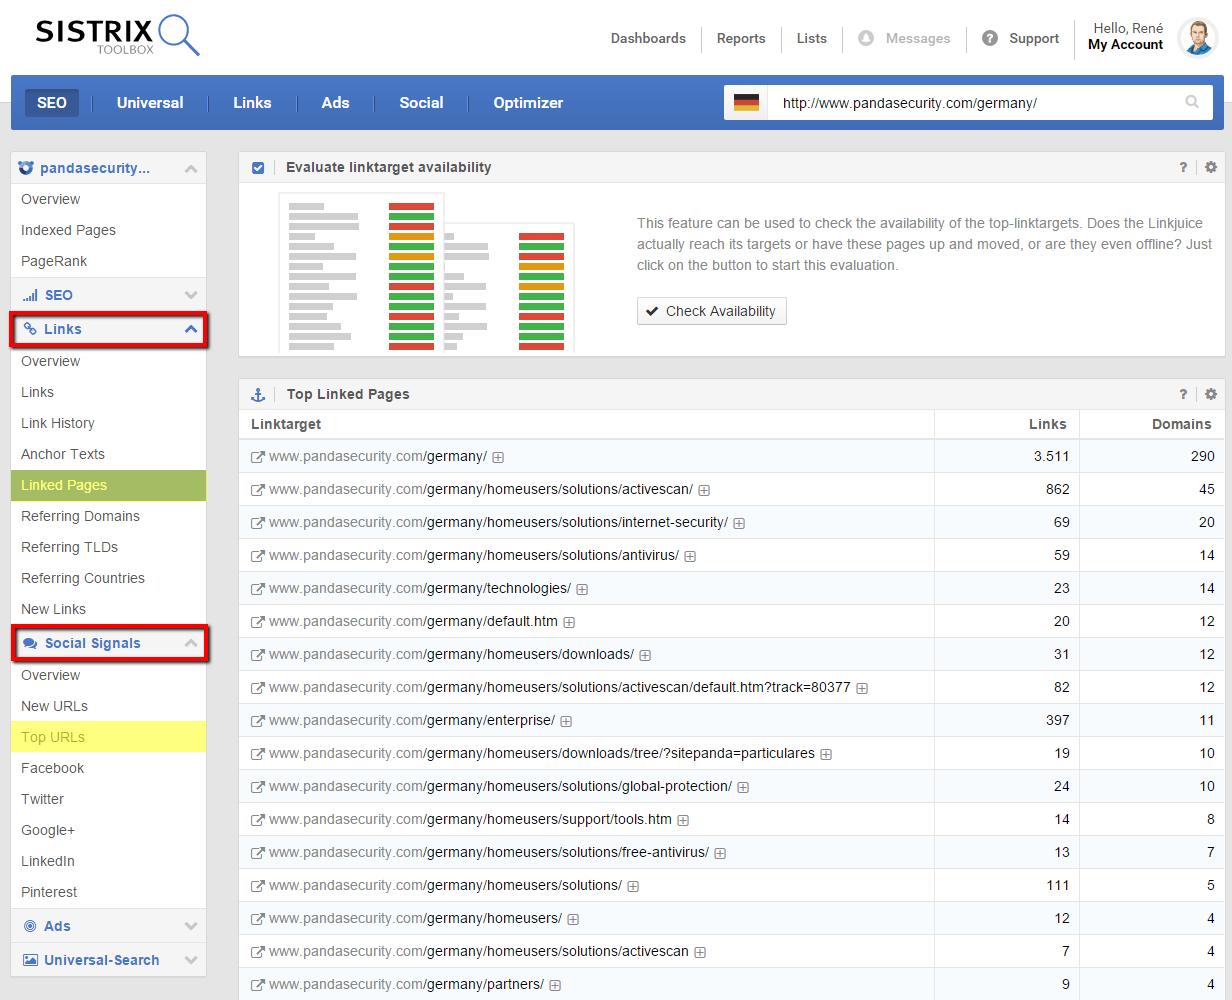 SISTRIX Toolbox affiche les URLs avec des liens retour importants et plusieurs mentions sociaux